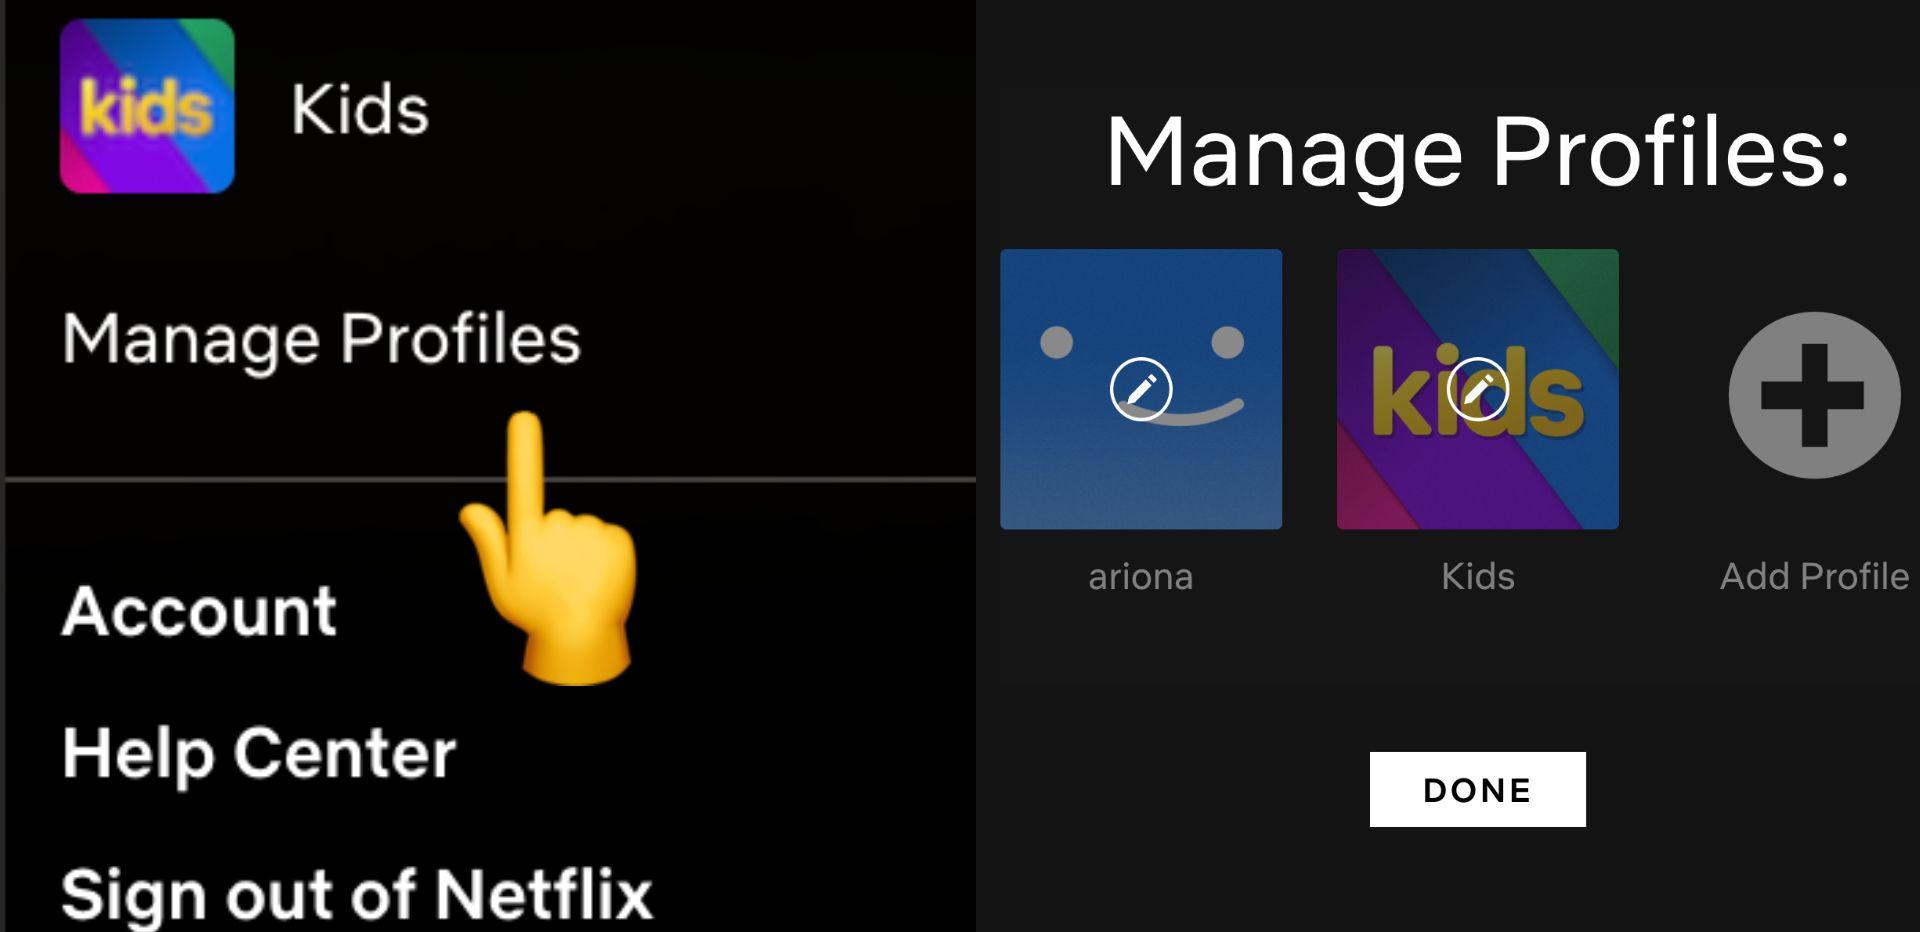 captura de pantalla de la pantalla de Netflix con una flecha que apunta para administrar perfiles